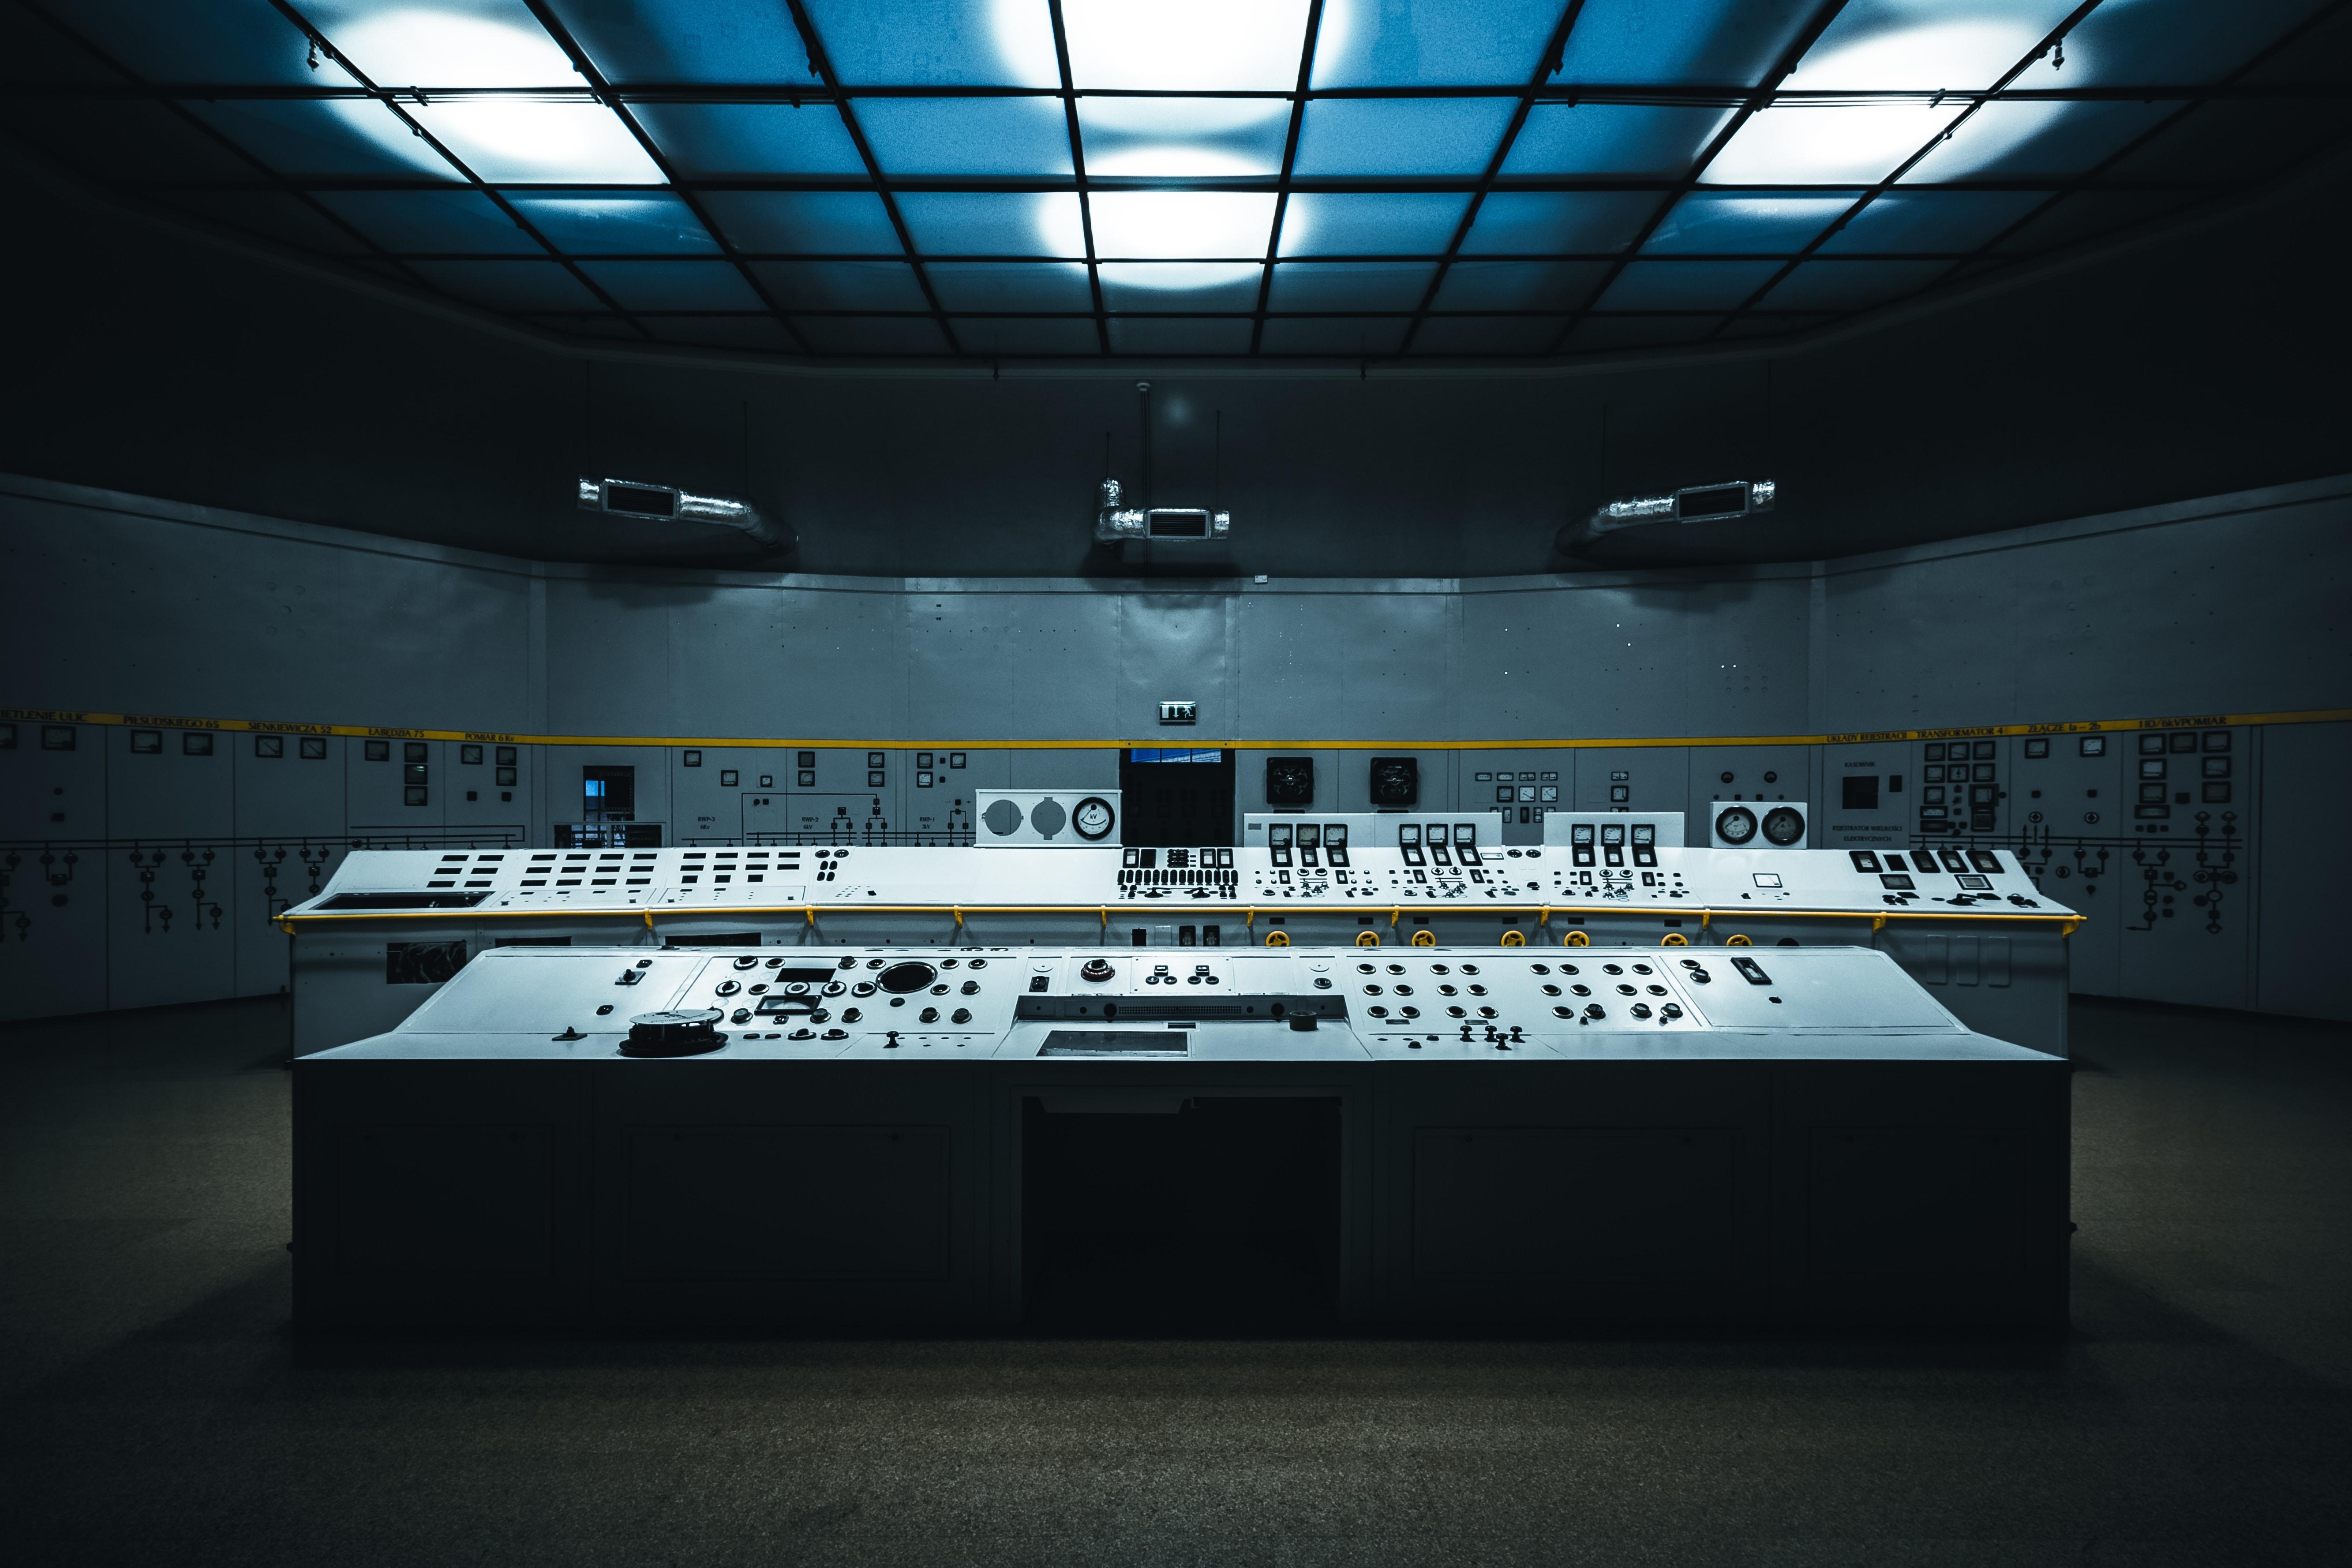 Операторское помещение контроля технологических процессов закрытого предприятия. Для защиты аппаратуры от внешних источников электромагнитного излучения используются экранирующие краски